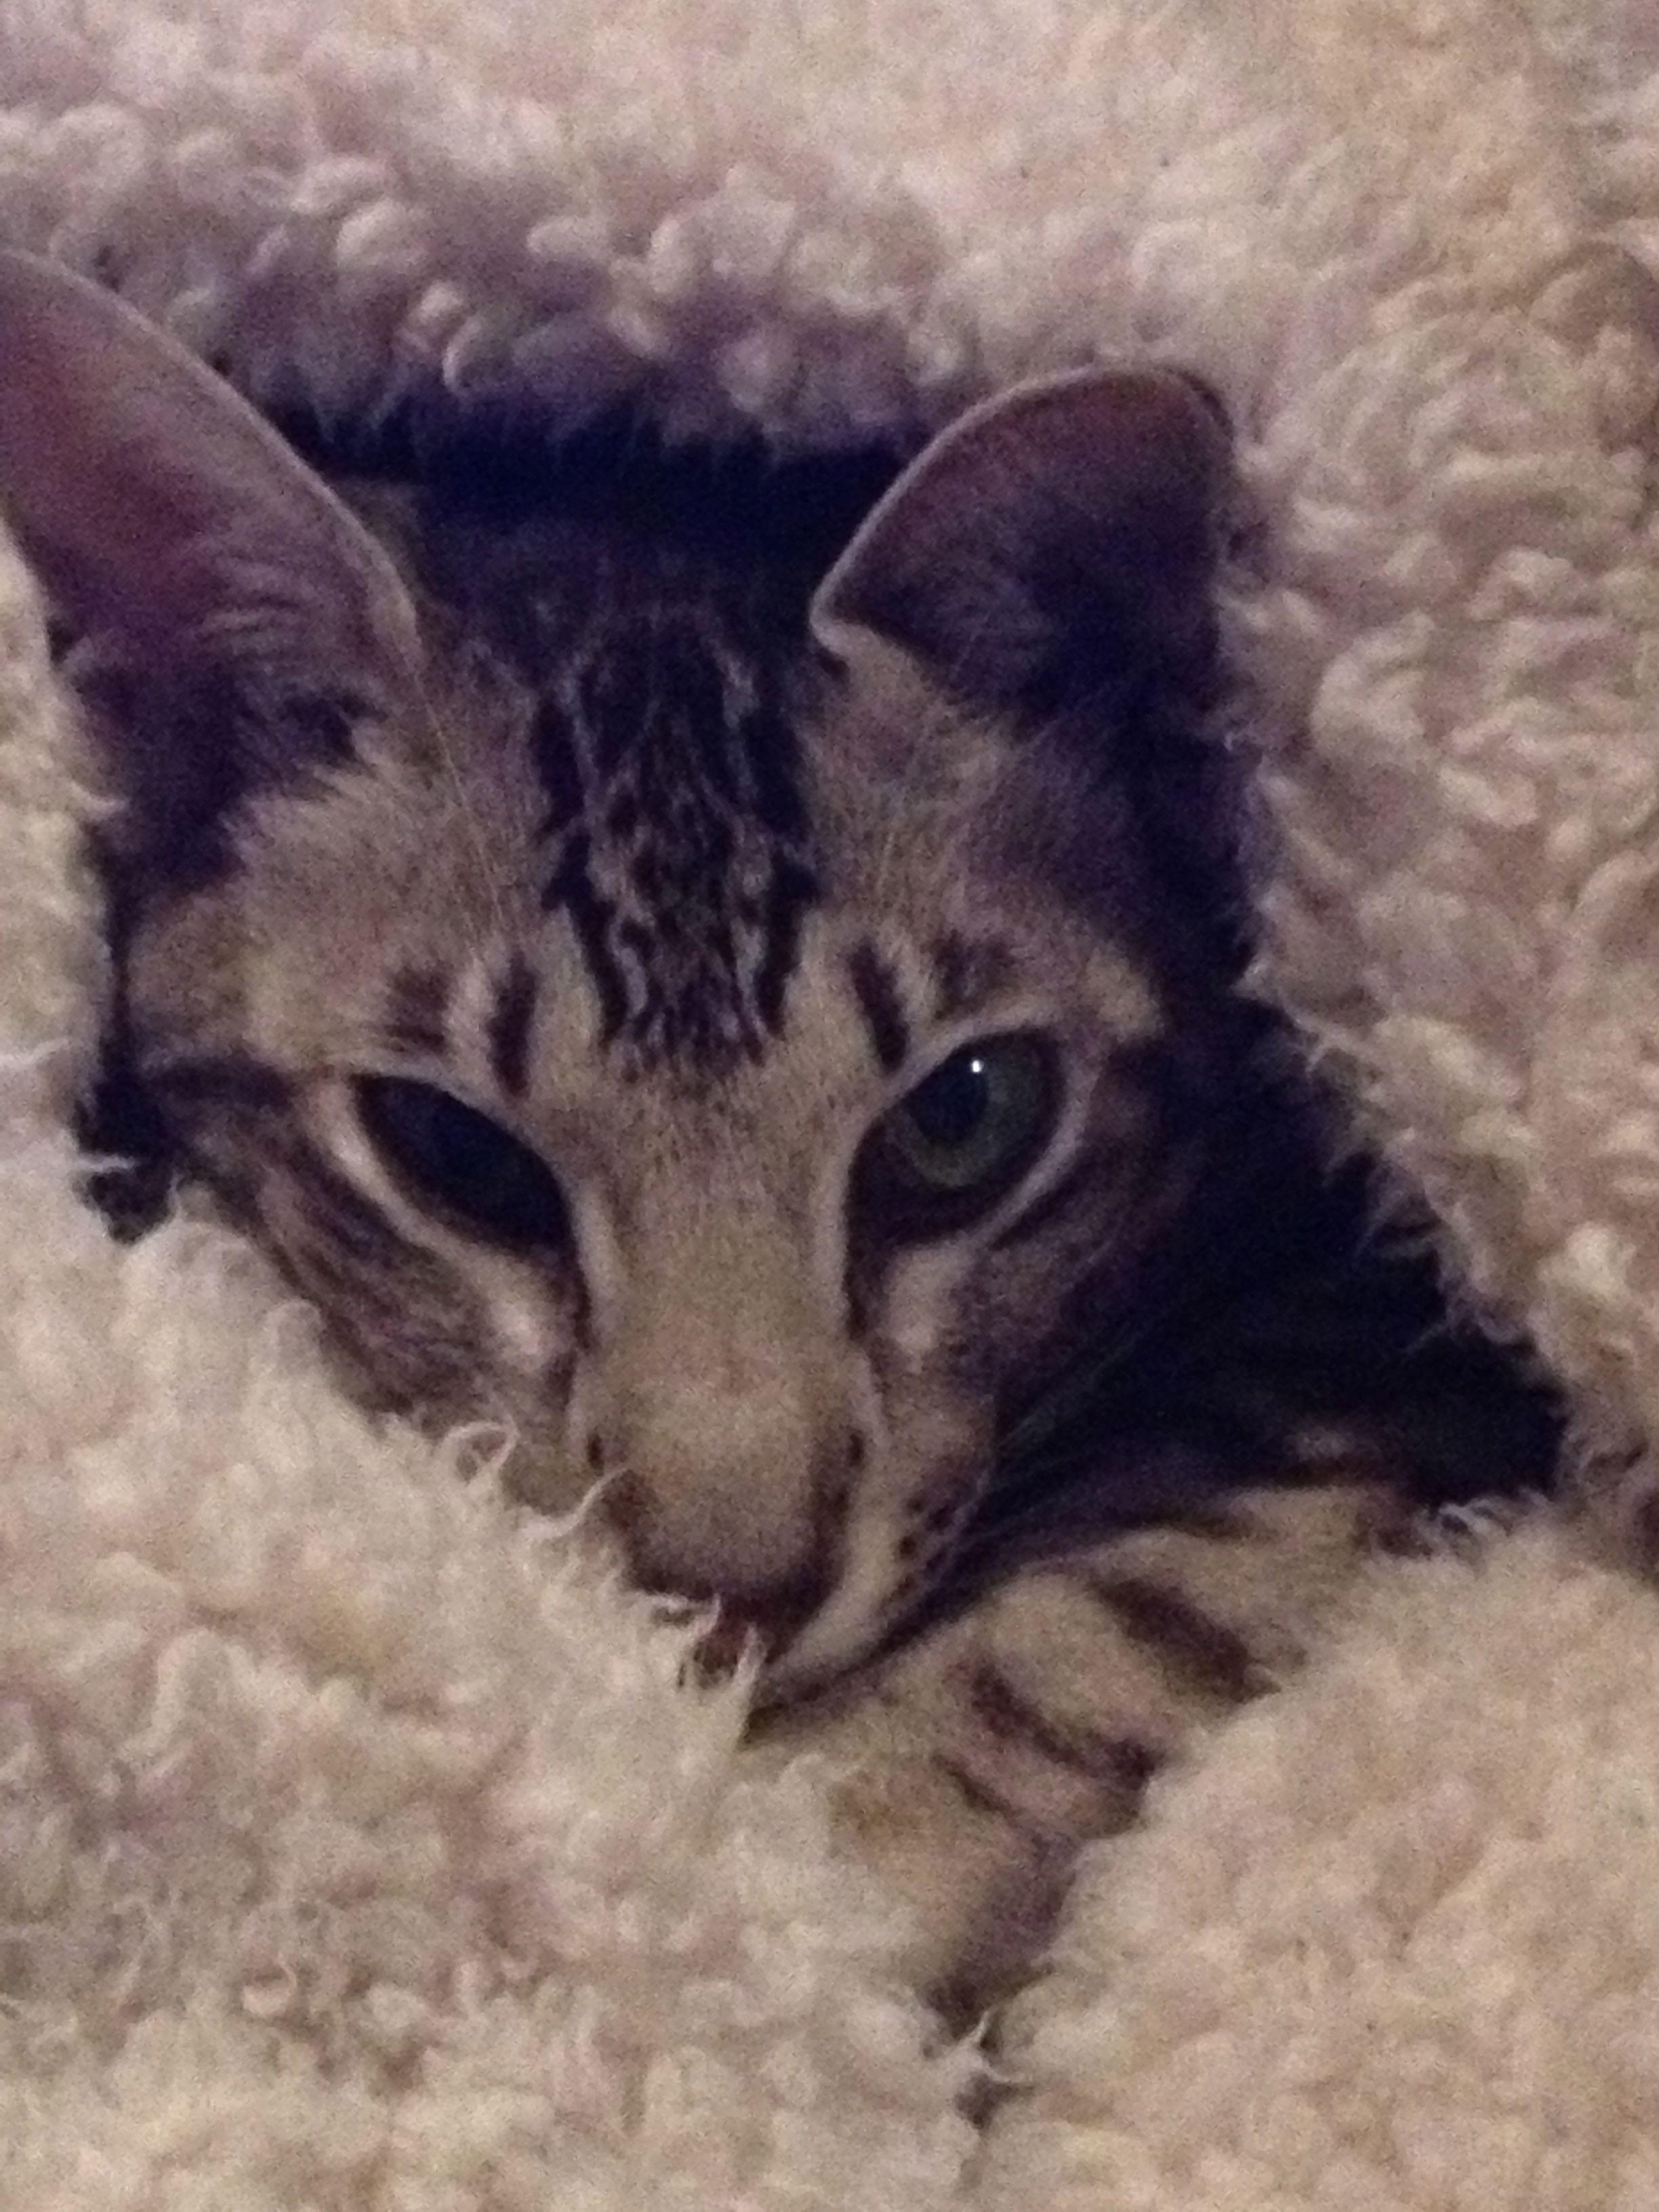 Harlot Cat Pawshake Wellington (met afbeeldingen)